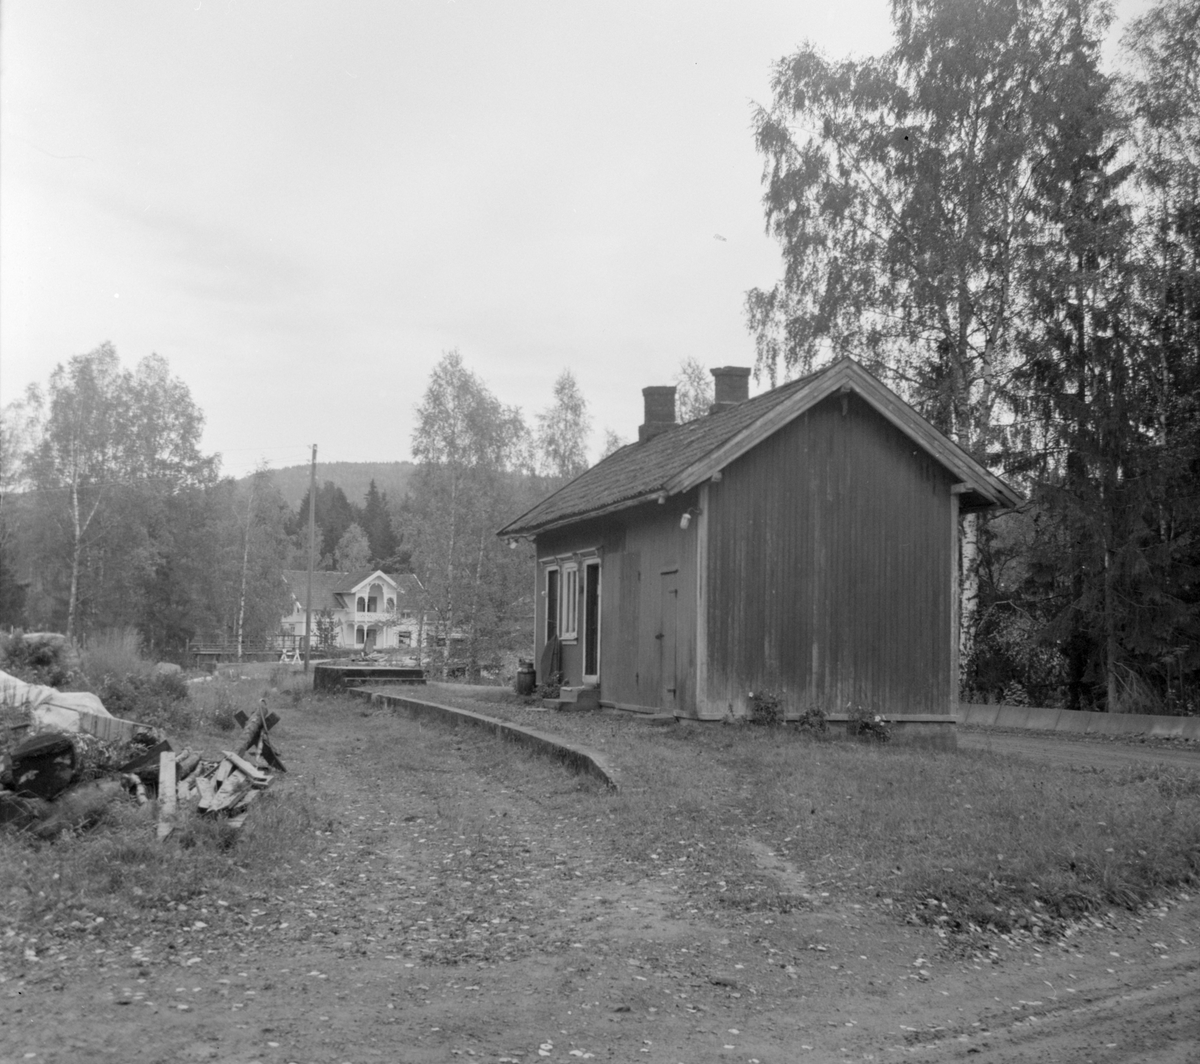 Kopstad stoppested på nedlagte Tønsberg-Eidsfossbanen. Bygningen ble revet i 1972.